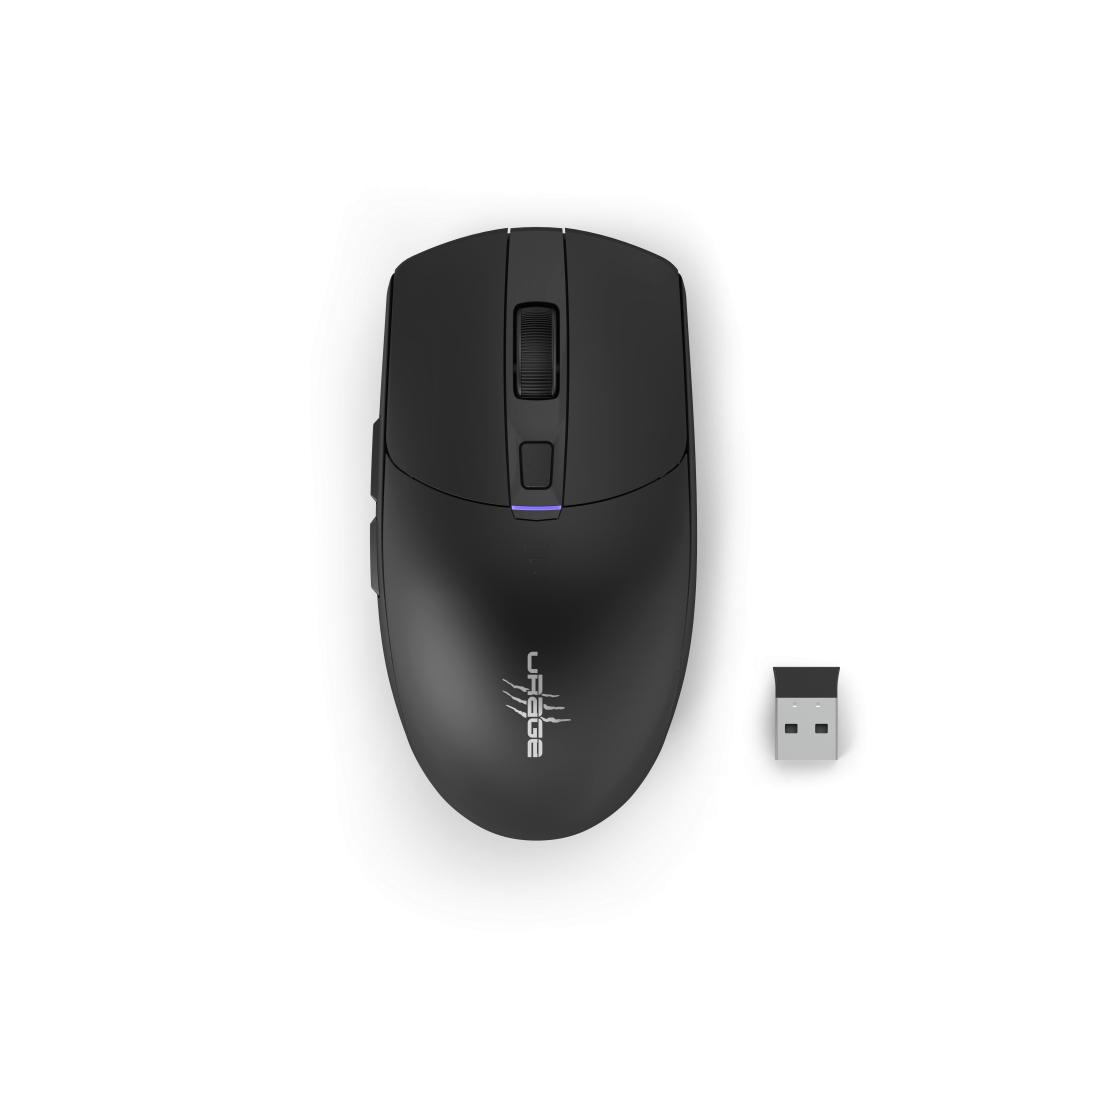 Геймърска безжична мишка Hama Urage Reaper 310 unleashed, 10000 DPI, Черна